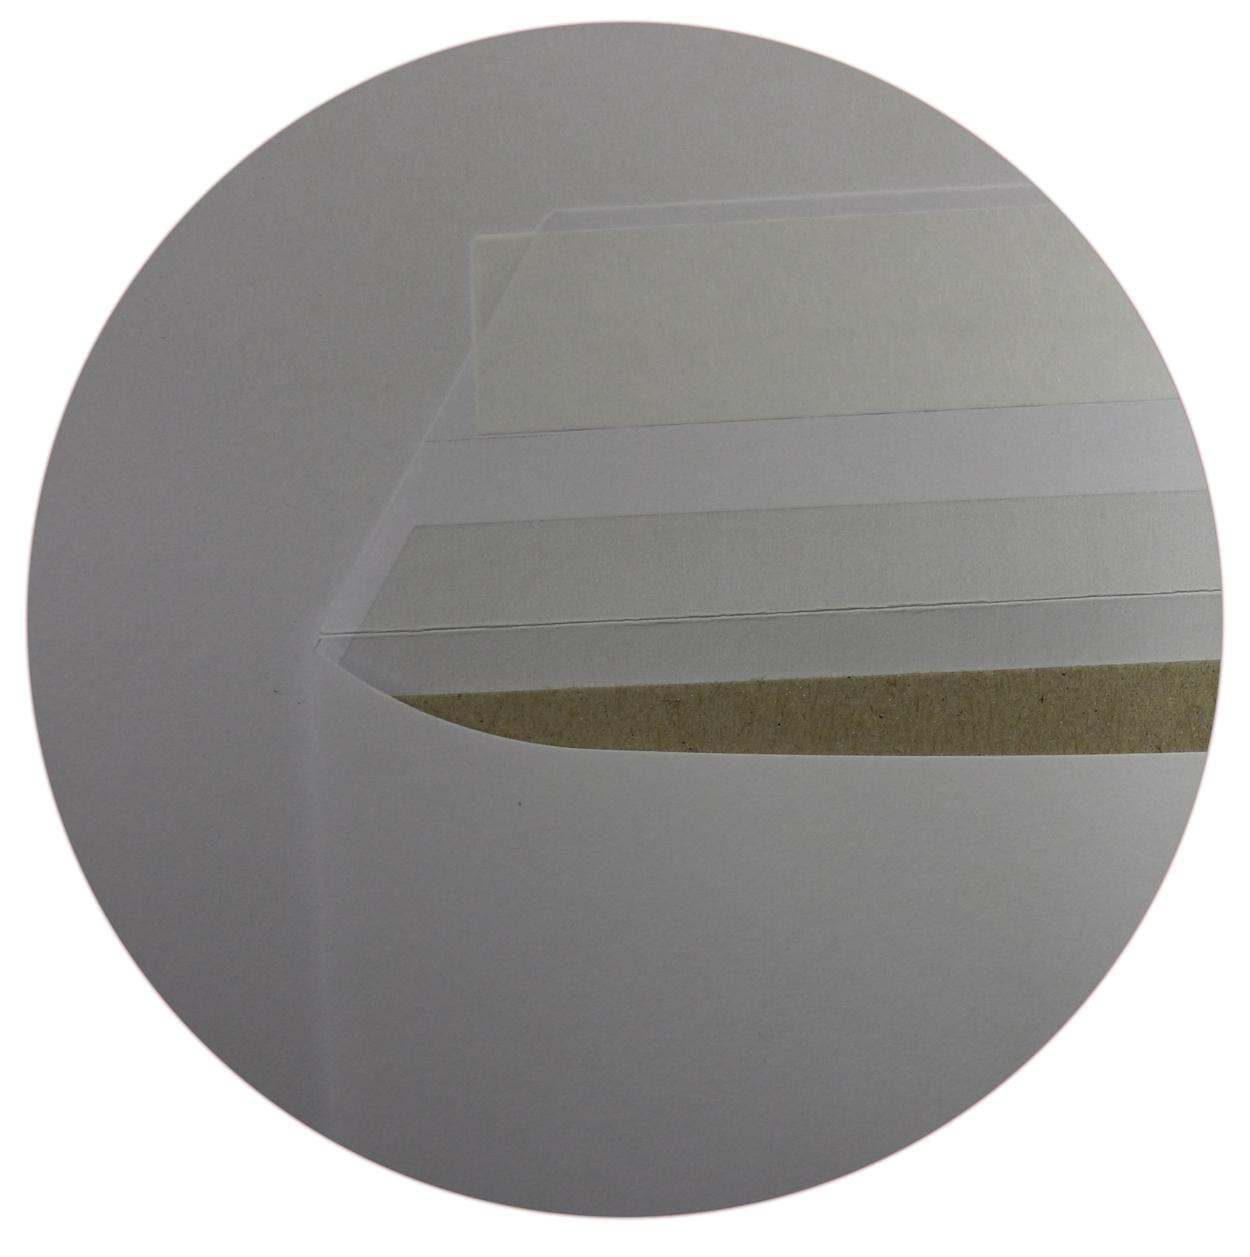 50 Stück -  C4 Umschläge Fenster Papprückwand Versandtaschen komplett weiß haftklebend